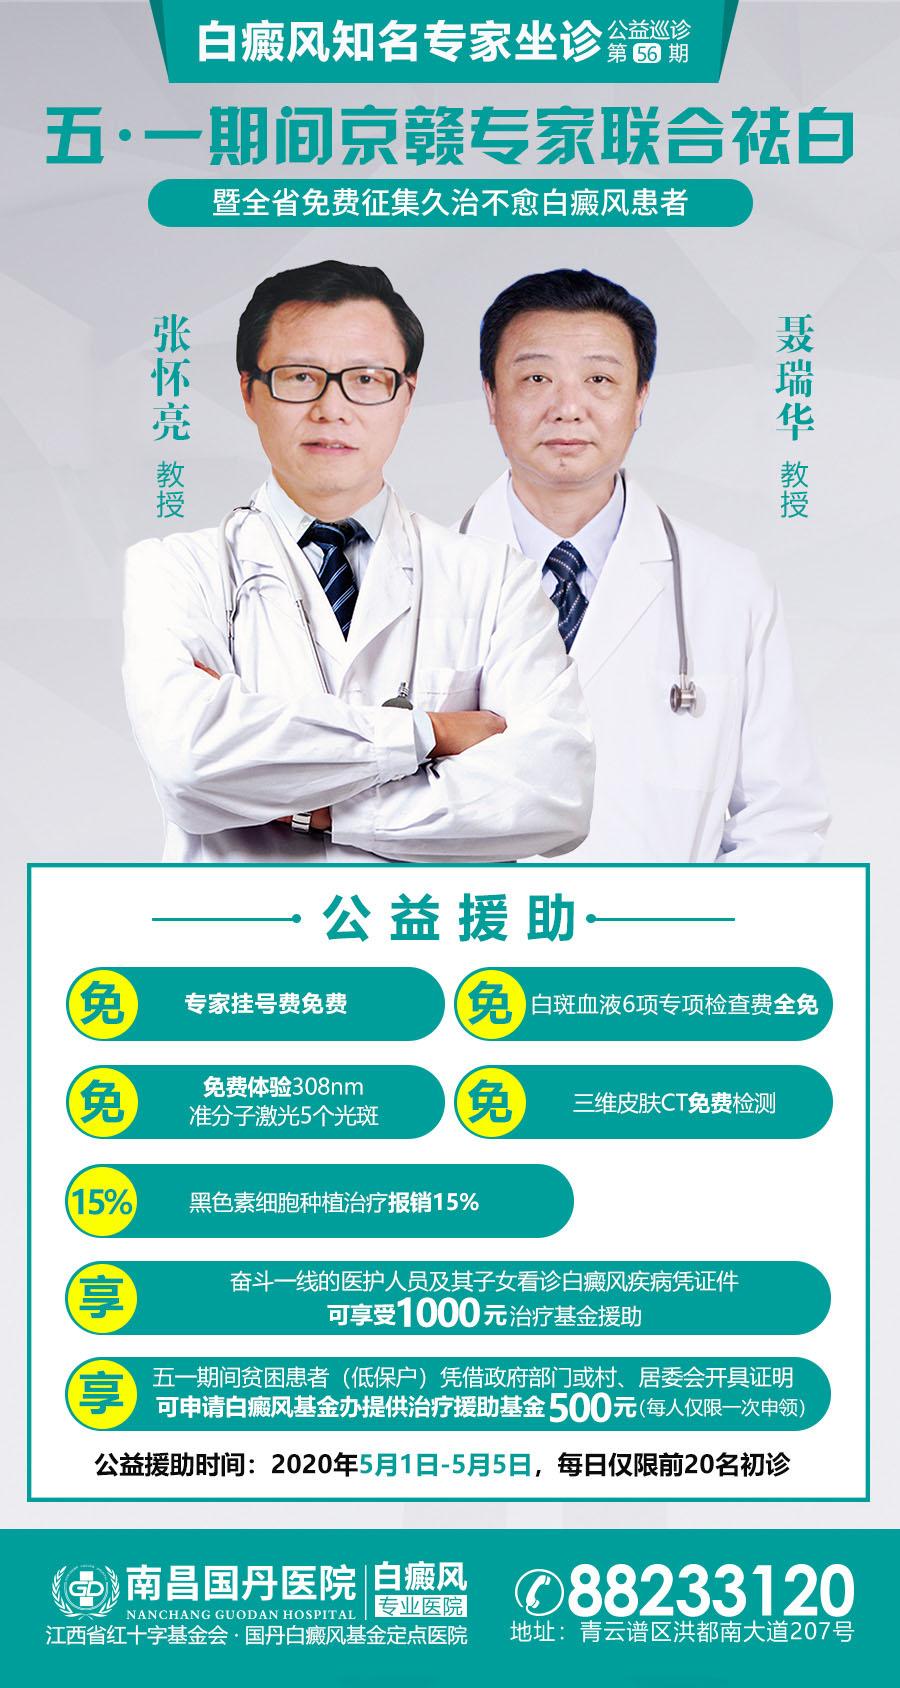 5月1-5日【京·赣】专家联合坐诊暨白斑0元普查